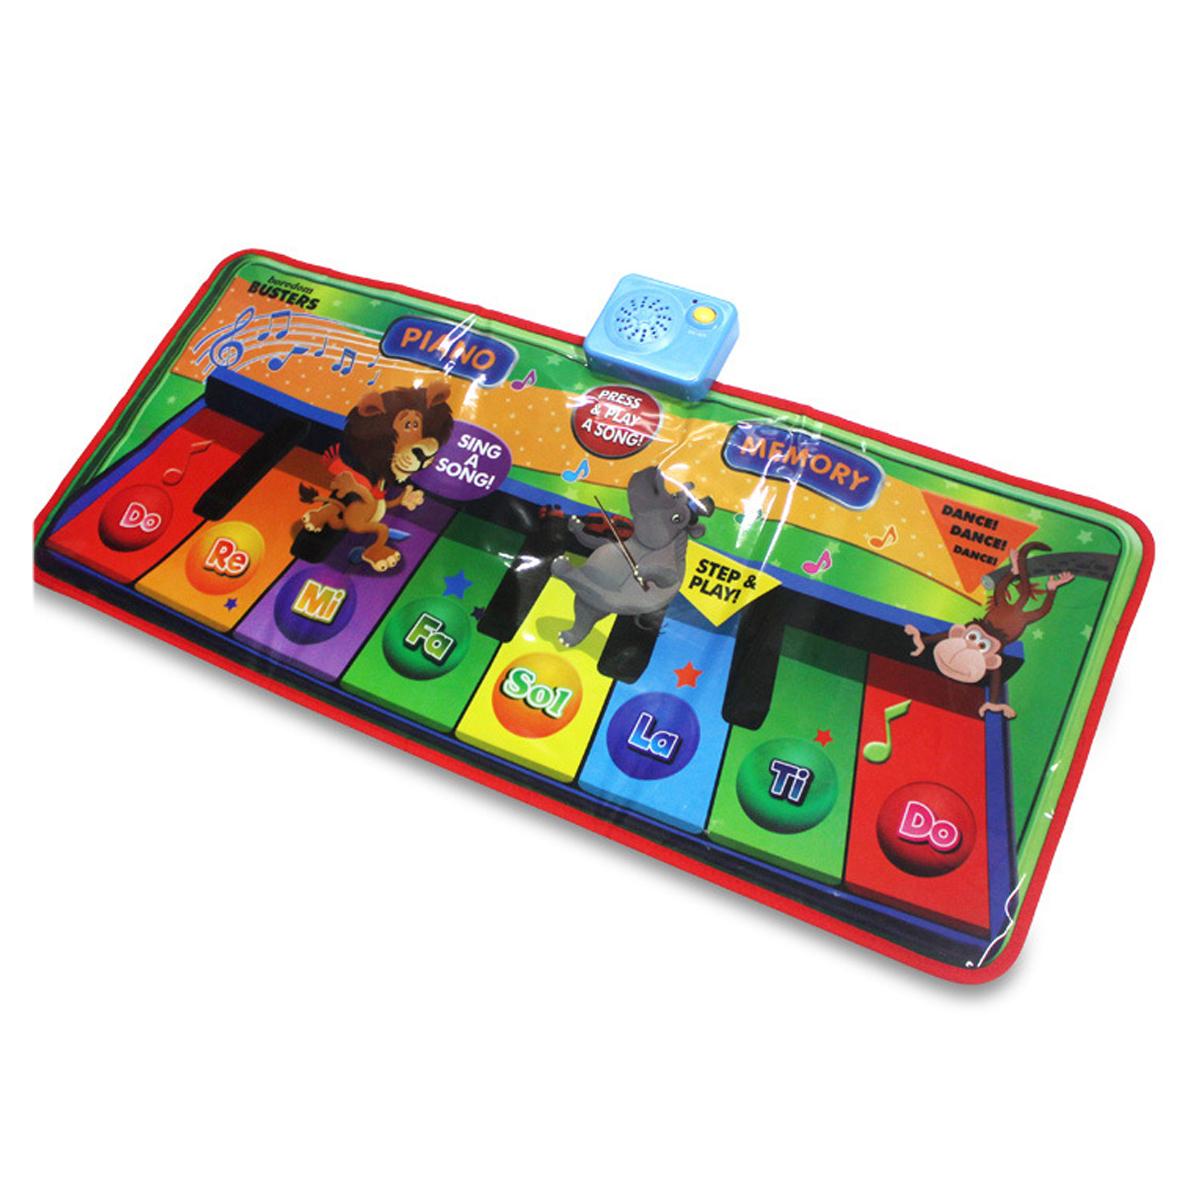 Складная фортепианная подушка Раннее образование ковер пение фортепианная музыка коврик коврик для детей